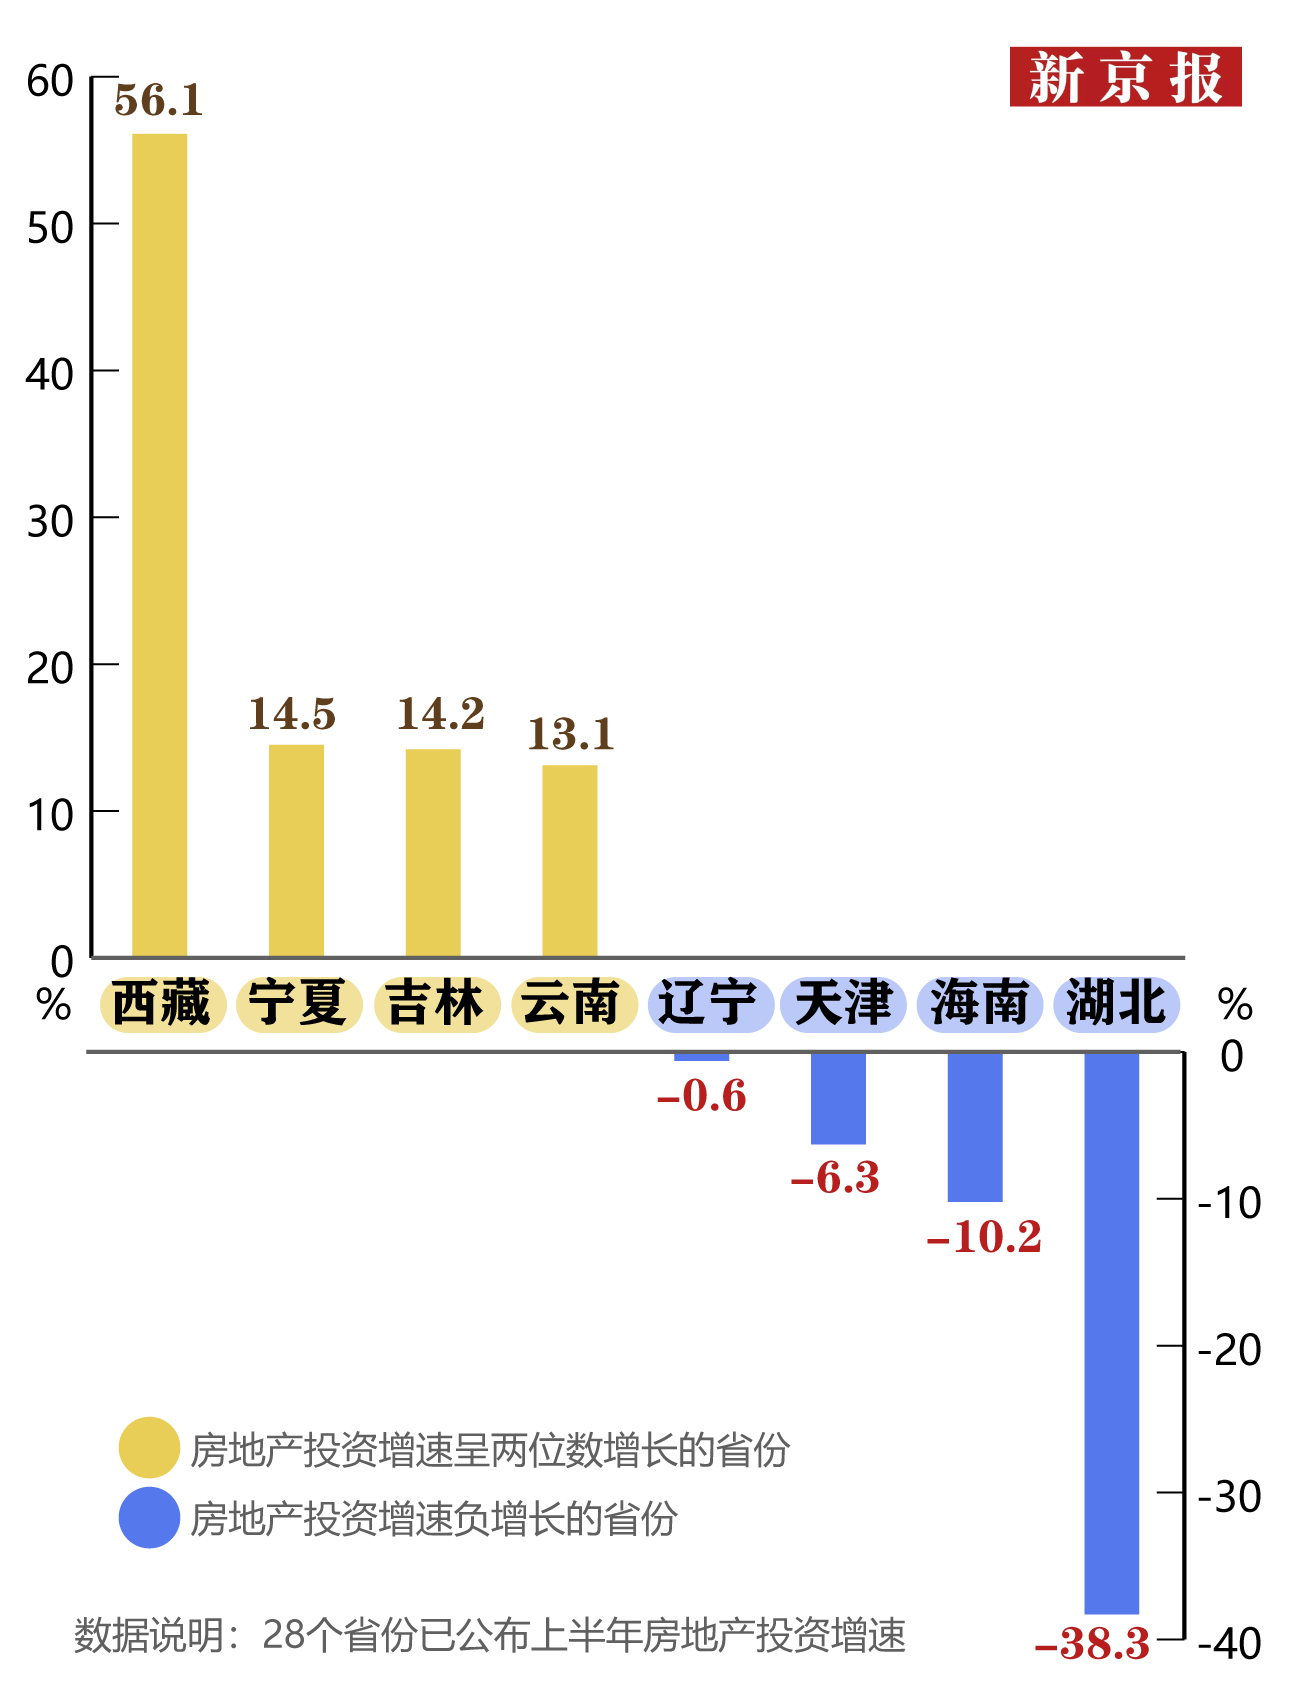 经济总量包括房地产_2015中国年经济总量